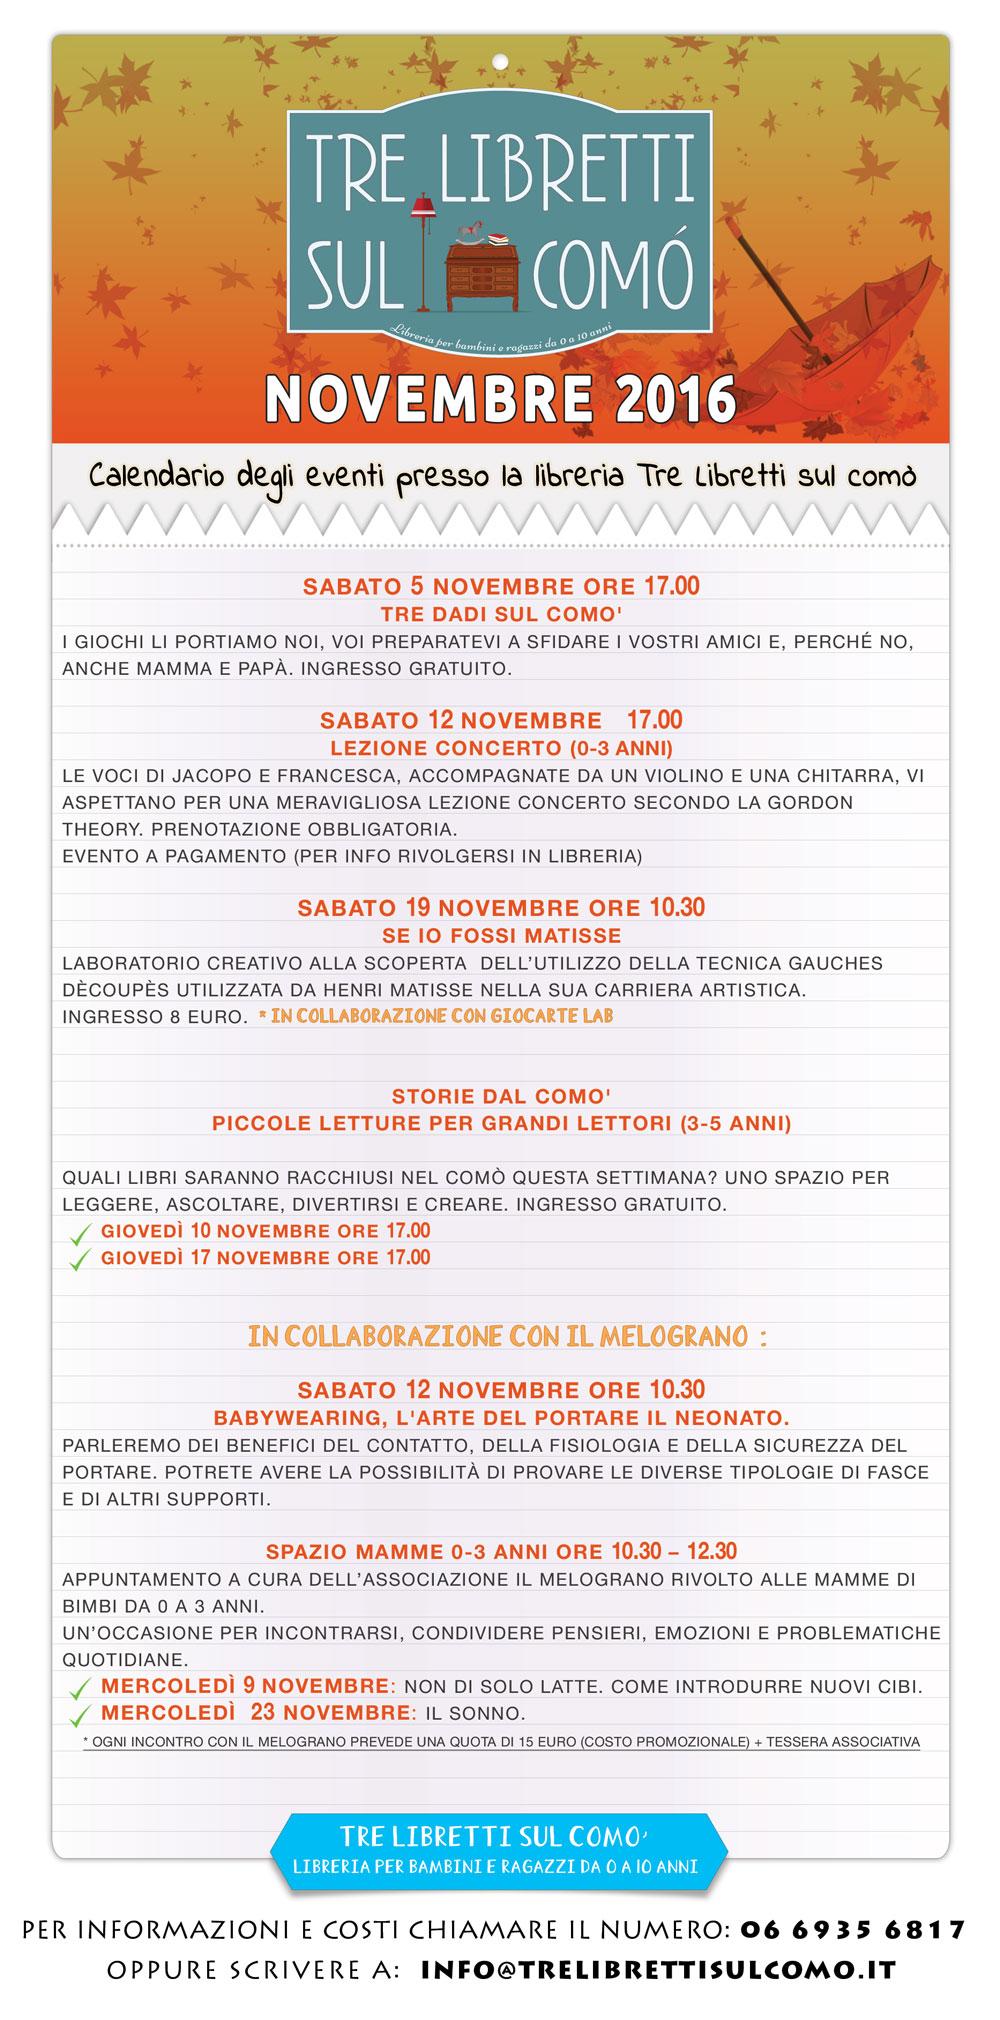 Calendario degli eventi per il mese di Novembre 2016